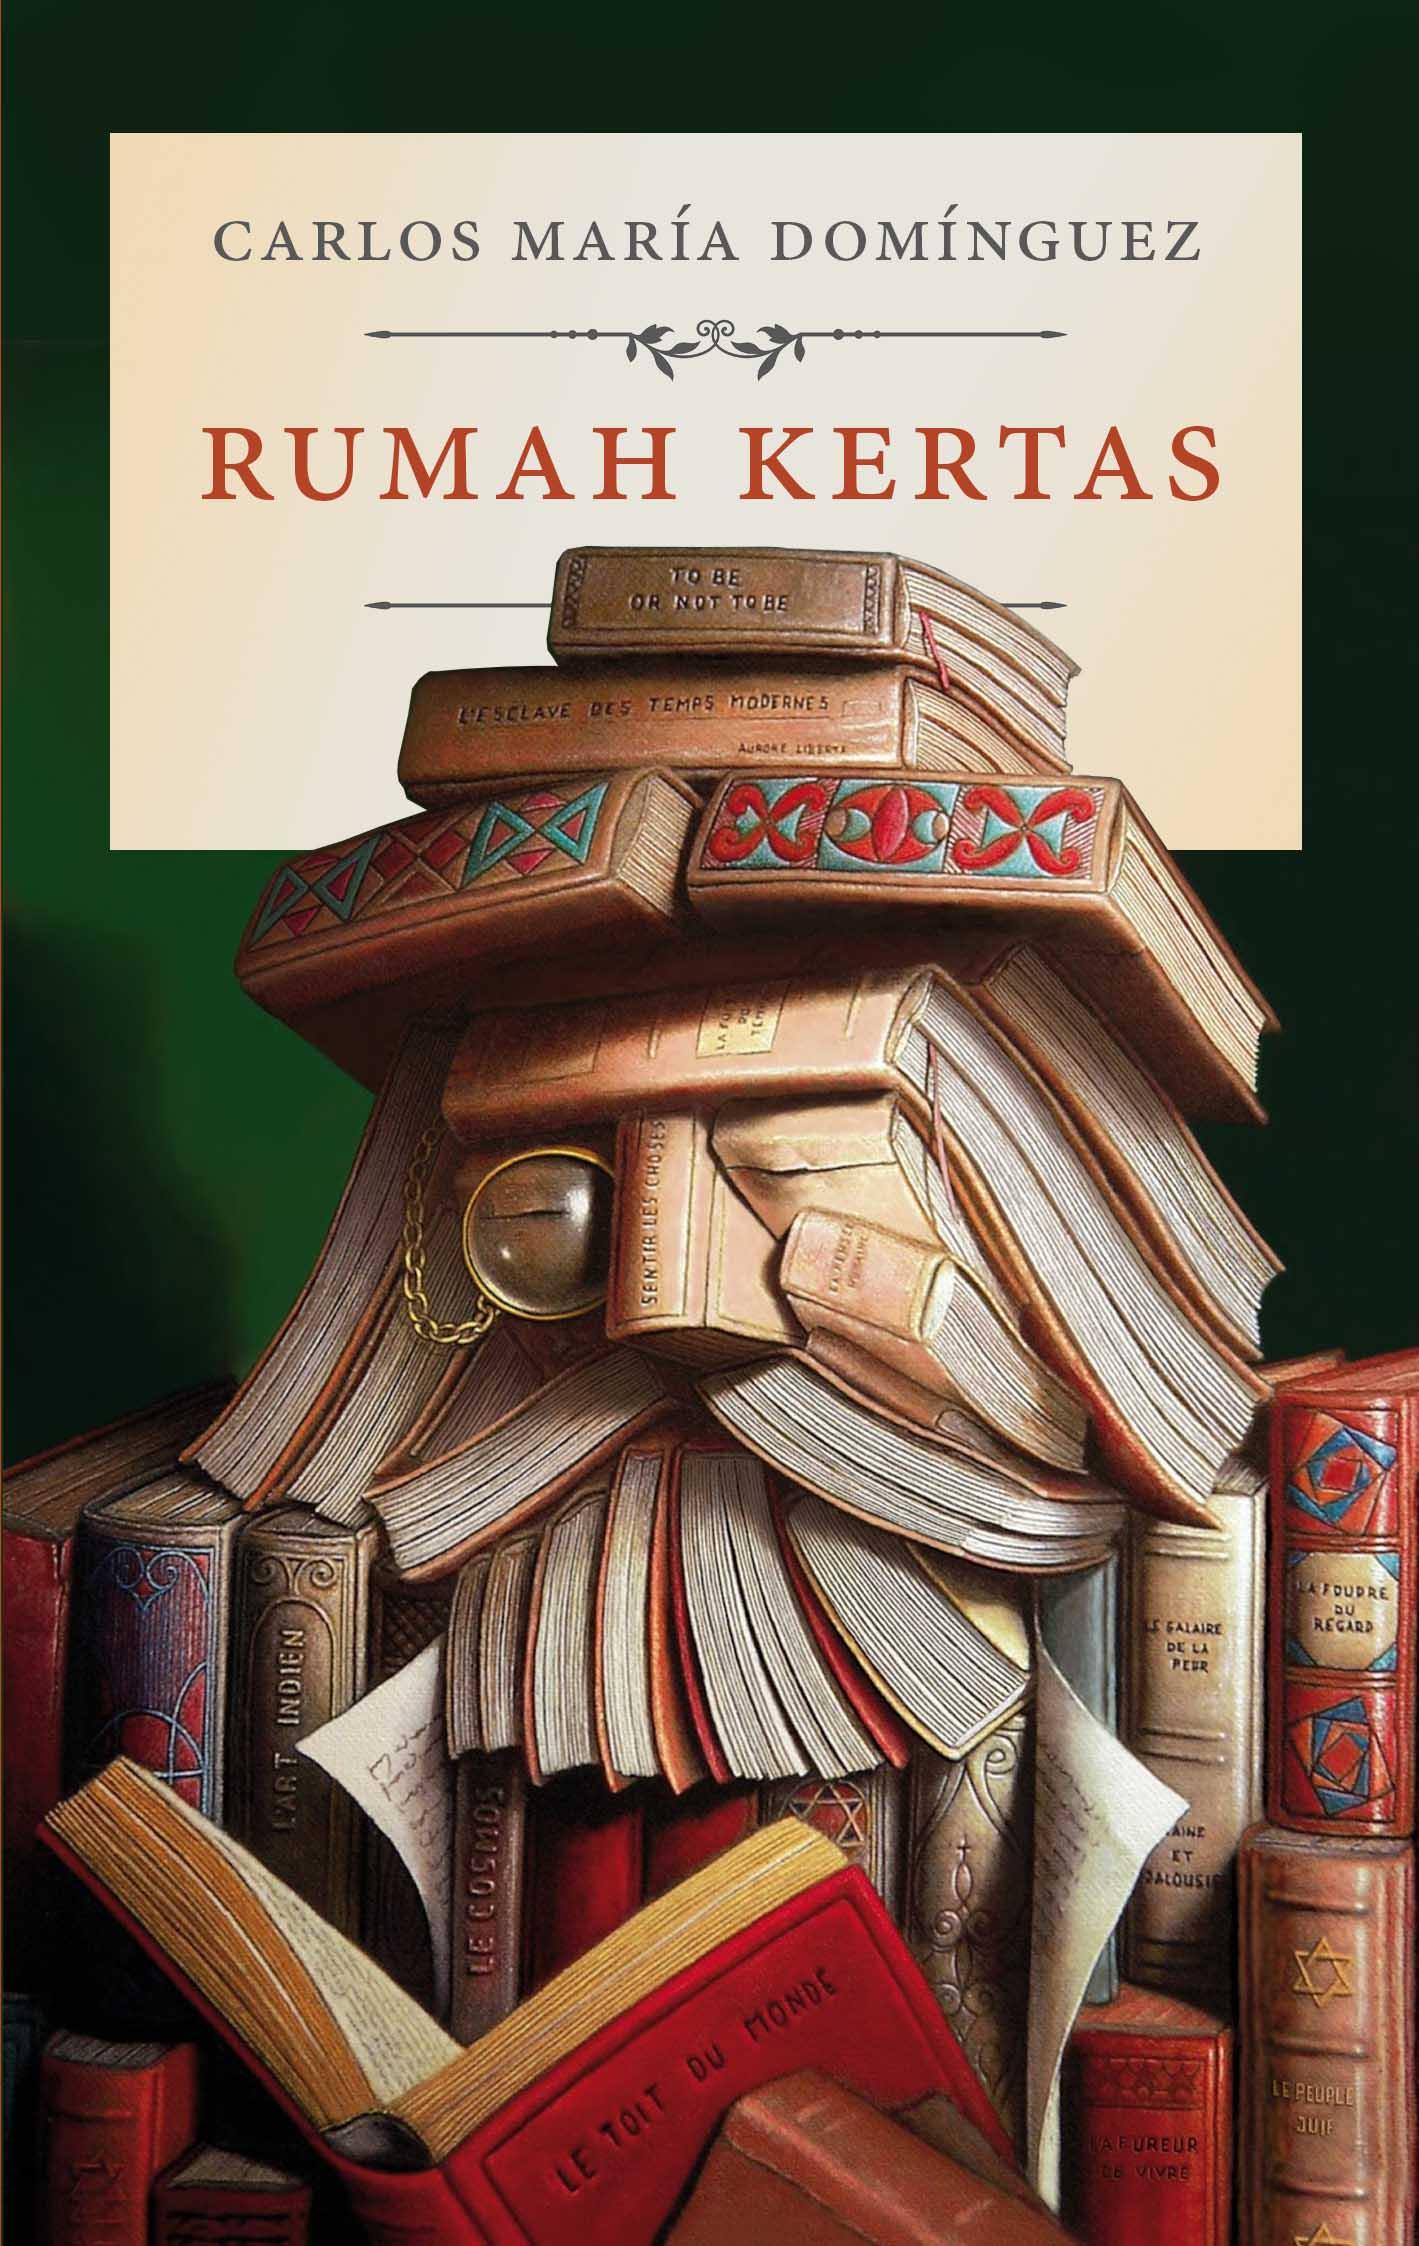 RUMAH KERTAS Cover depan